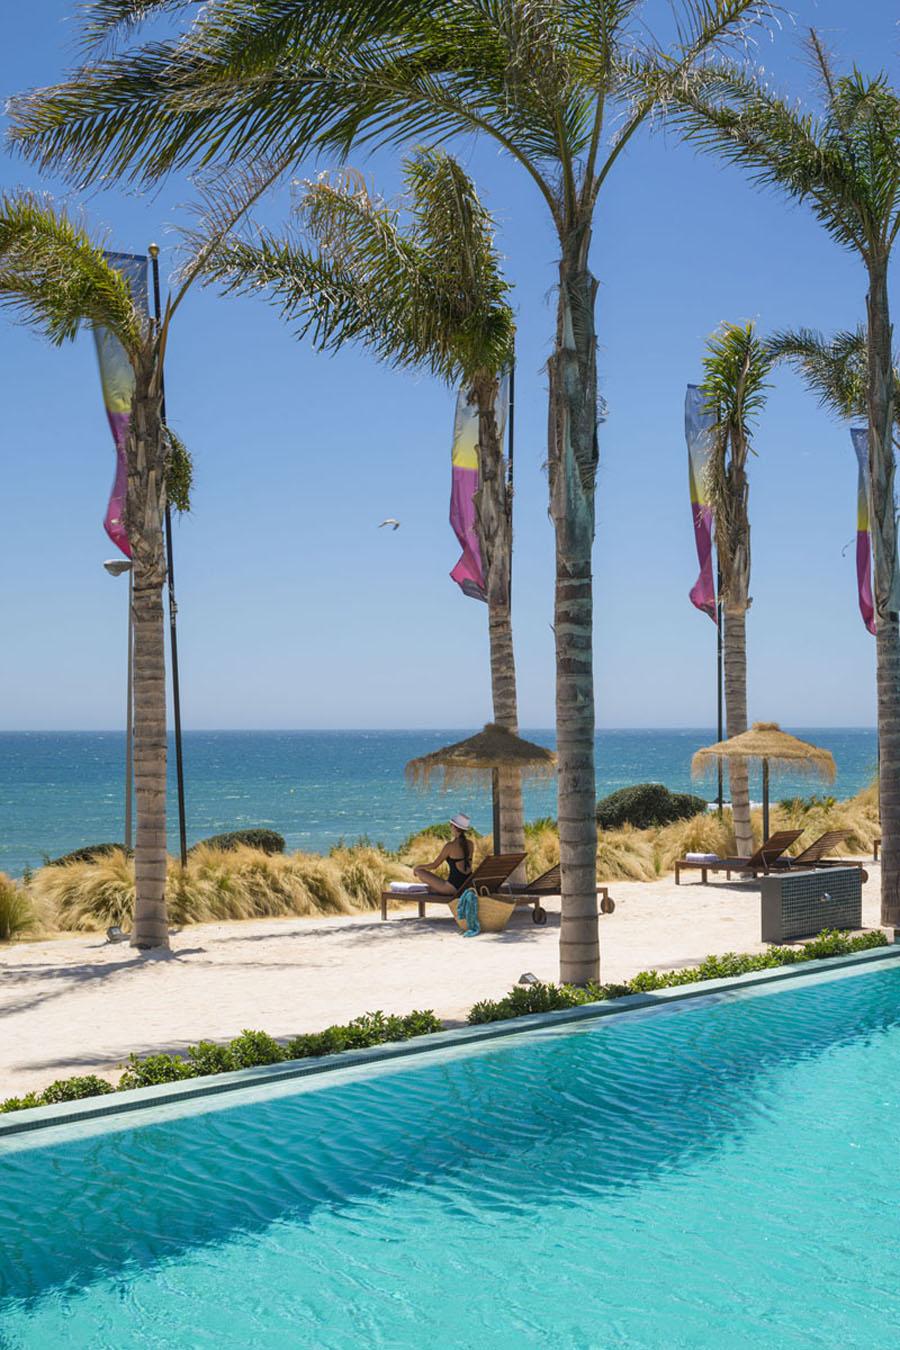 spanish-beachfront-apartment-property-for-sale-marbella-mijas-costa-del-sol-estate-agents-spain